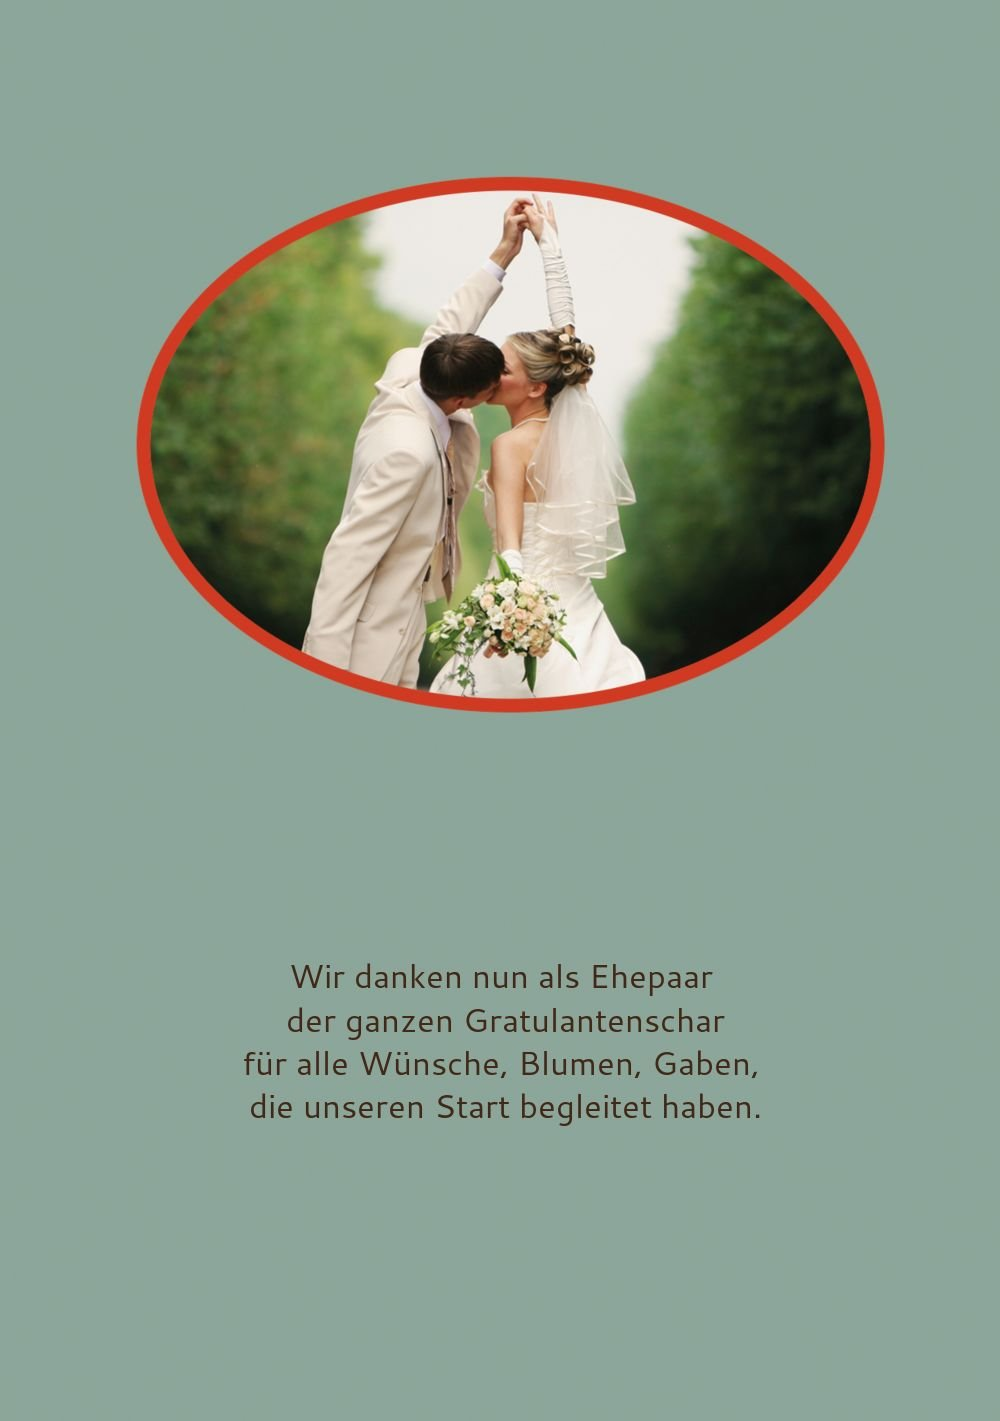 Kartenparadies Danksagung für Hochzeitsgeschenke Hochzeit Dankeskarte Dankeskarte Dankeskarte Turteltäubchen, hochwertige Danksagungskarte Hochzeitsglückwünsche inklusive Umschläge   20 Karten - (Format  105x148 mm) Farbe  DunkelgrauBraun B01N5RPHEH | Ve 719178